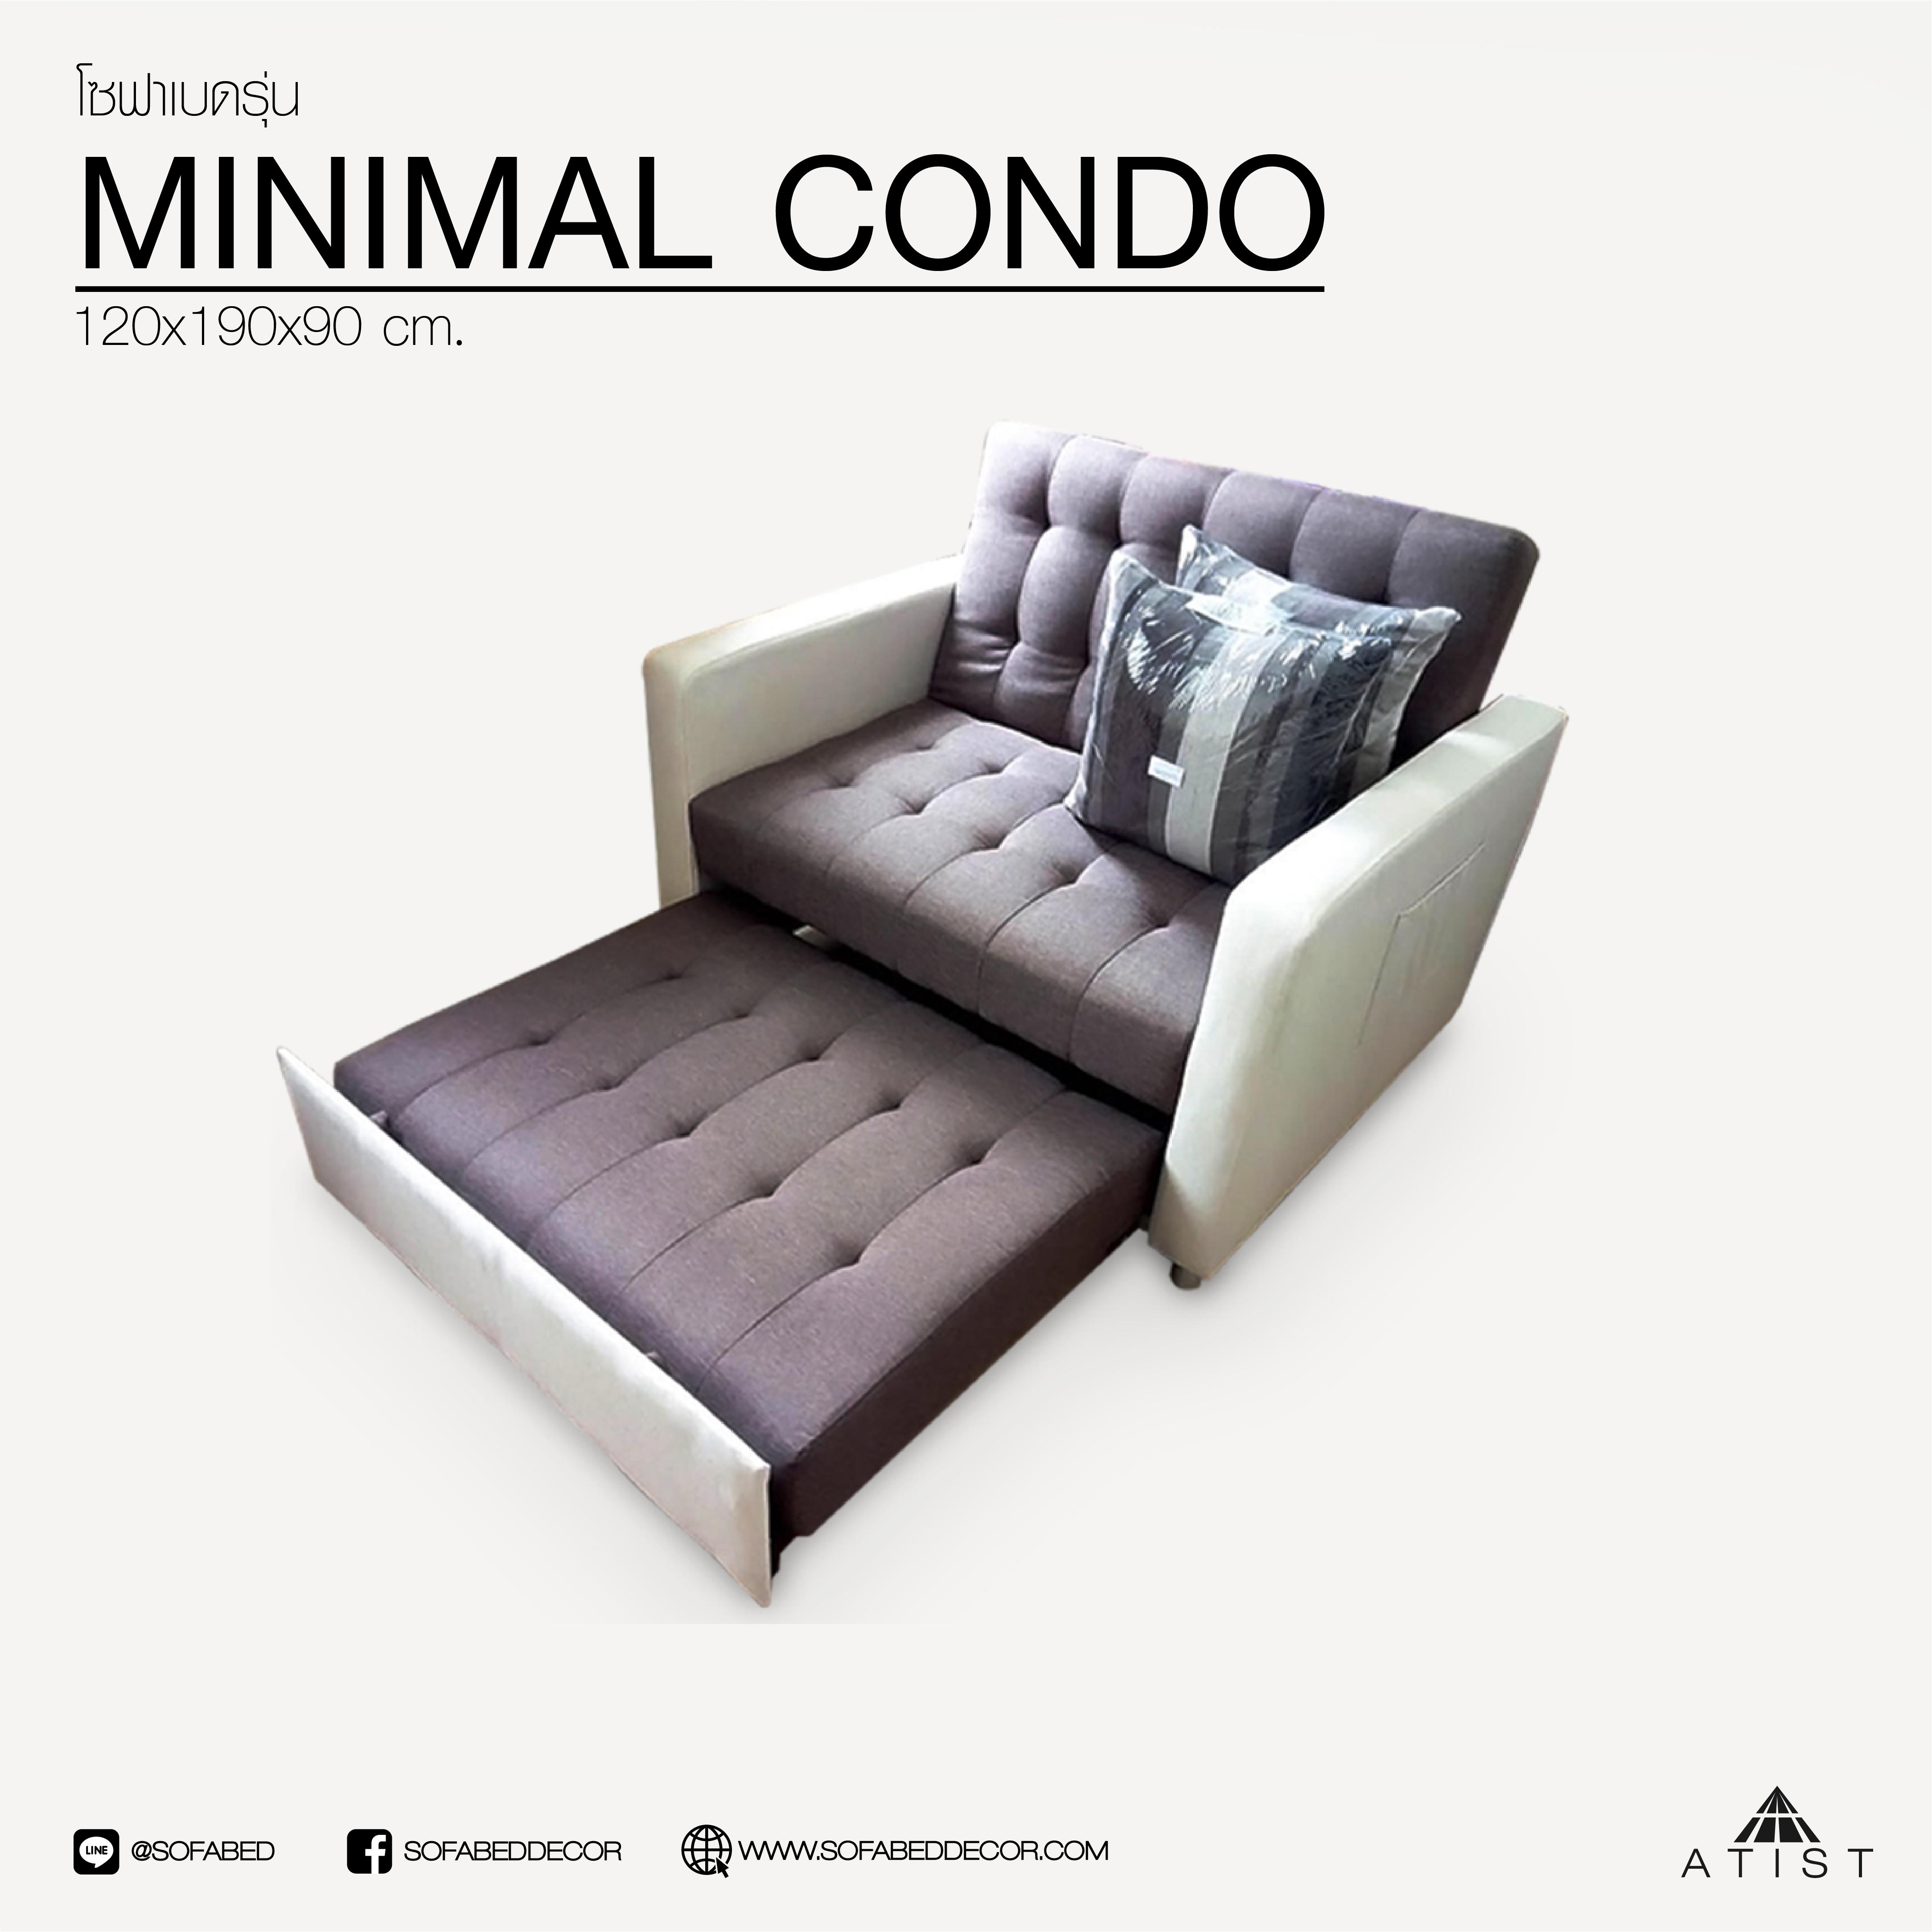 โซฟาเบด รุ่น MINIMAL CONDO (มี 5 ขนาด) Sofa Bed ปรับนอนได้ ขนาดมาตรฐาน 120x190x90 cm